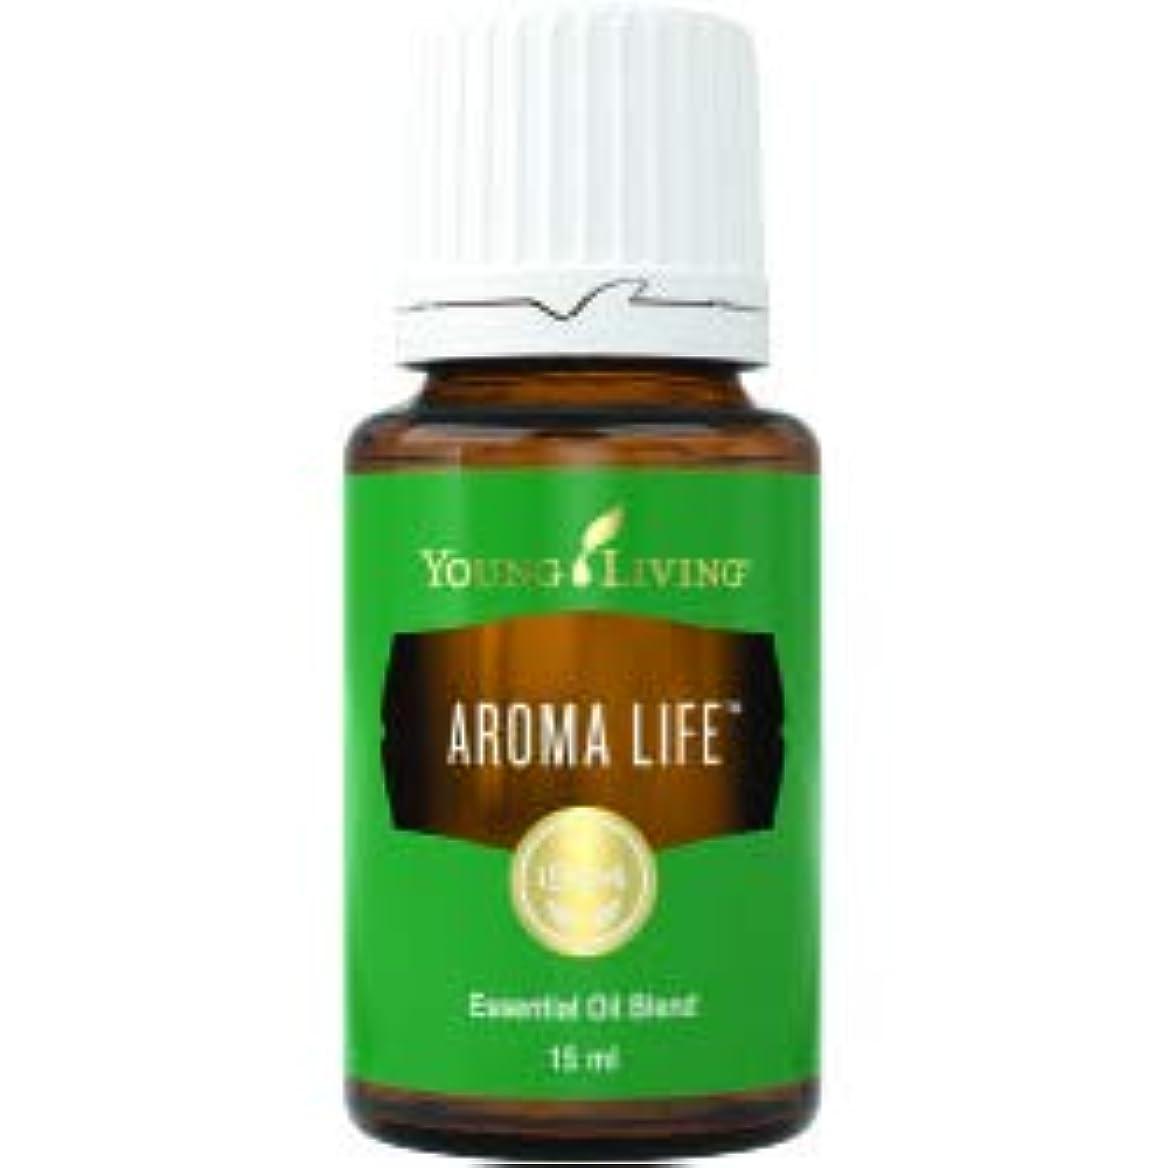 スリチンモイ愚かなドナーアロマライフ™は、イランイランの調和効果と既知の大手サイプレス、ヘリクリサム、マジョラムを組み合わせたものです。オイルブレンドはあなたの生命力を活性化し、リラックスをもたらします Aroma Life Essential...